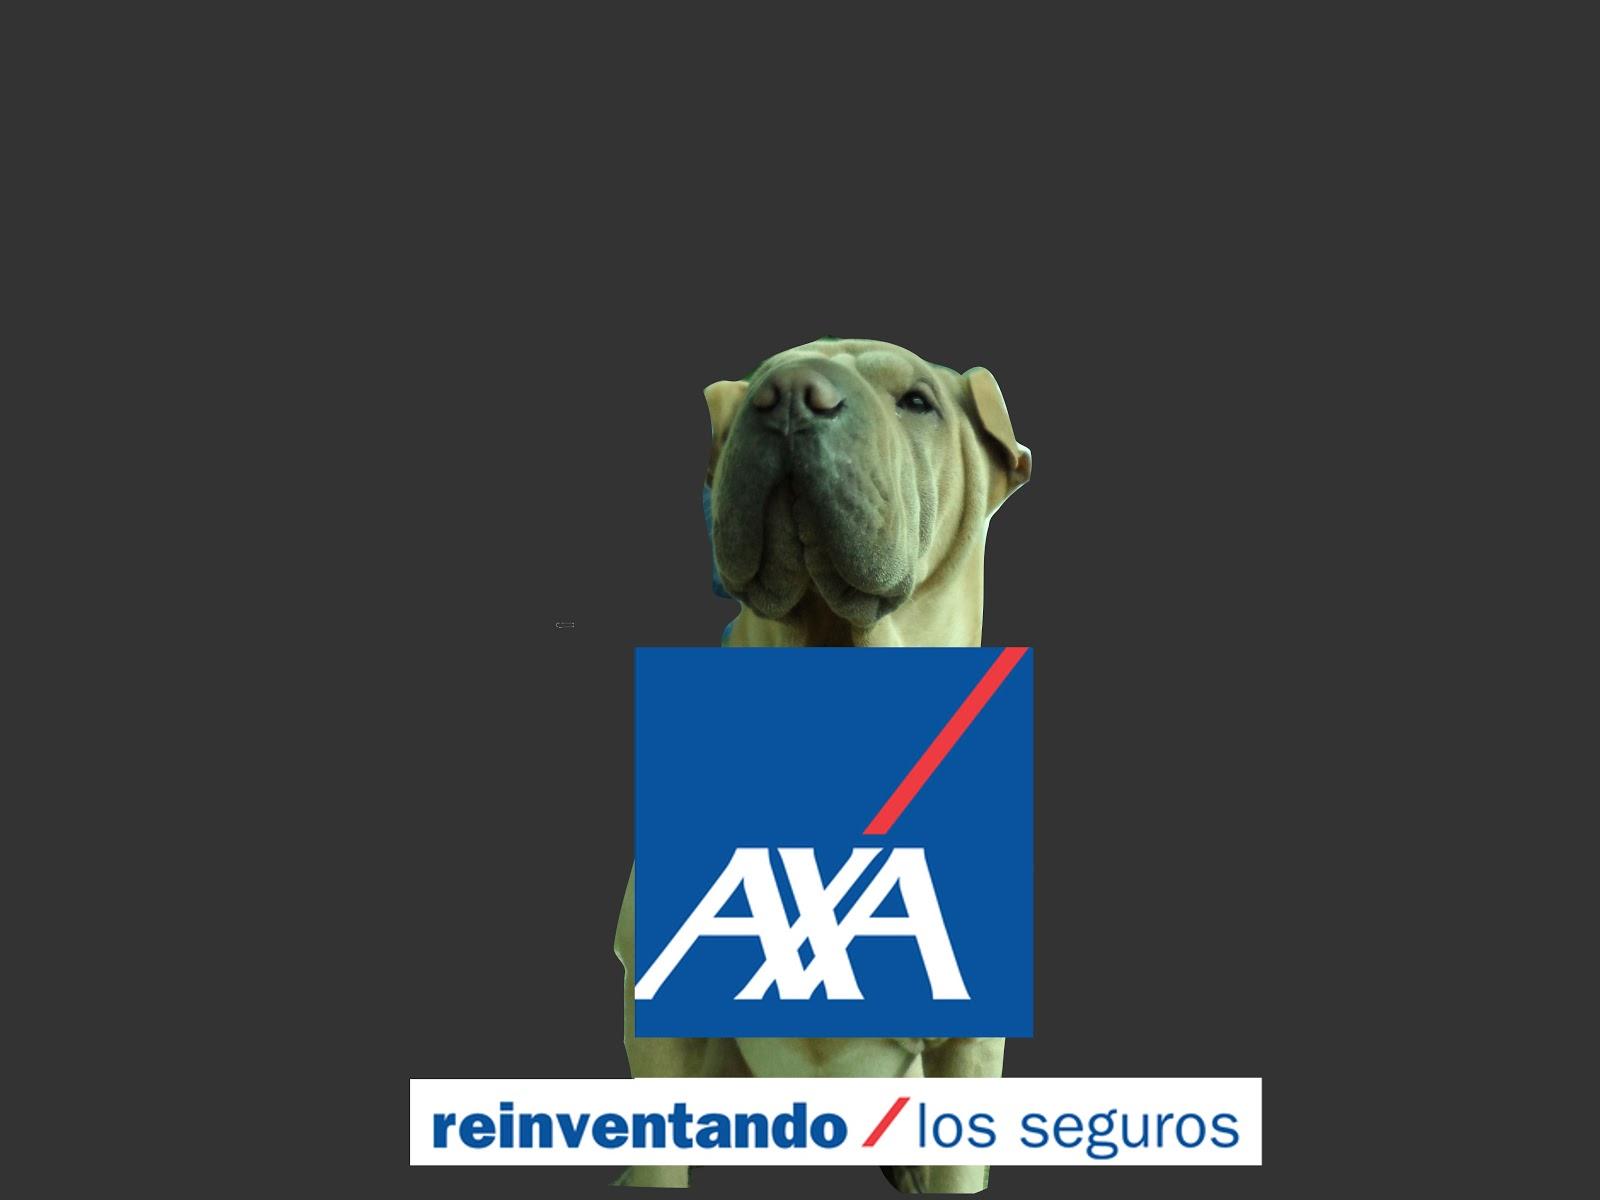 AXA-Perros